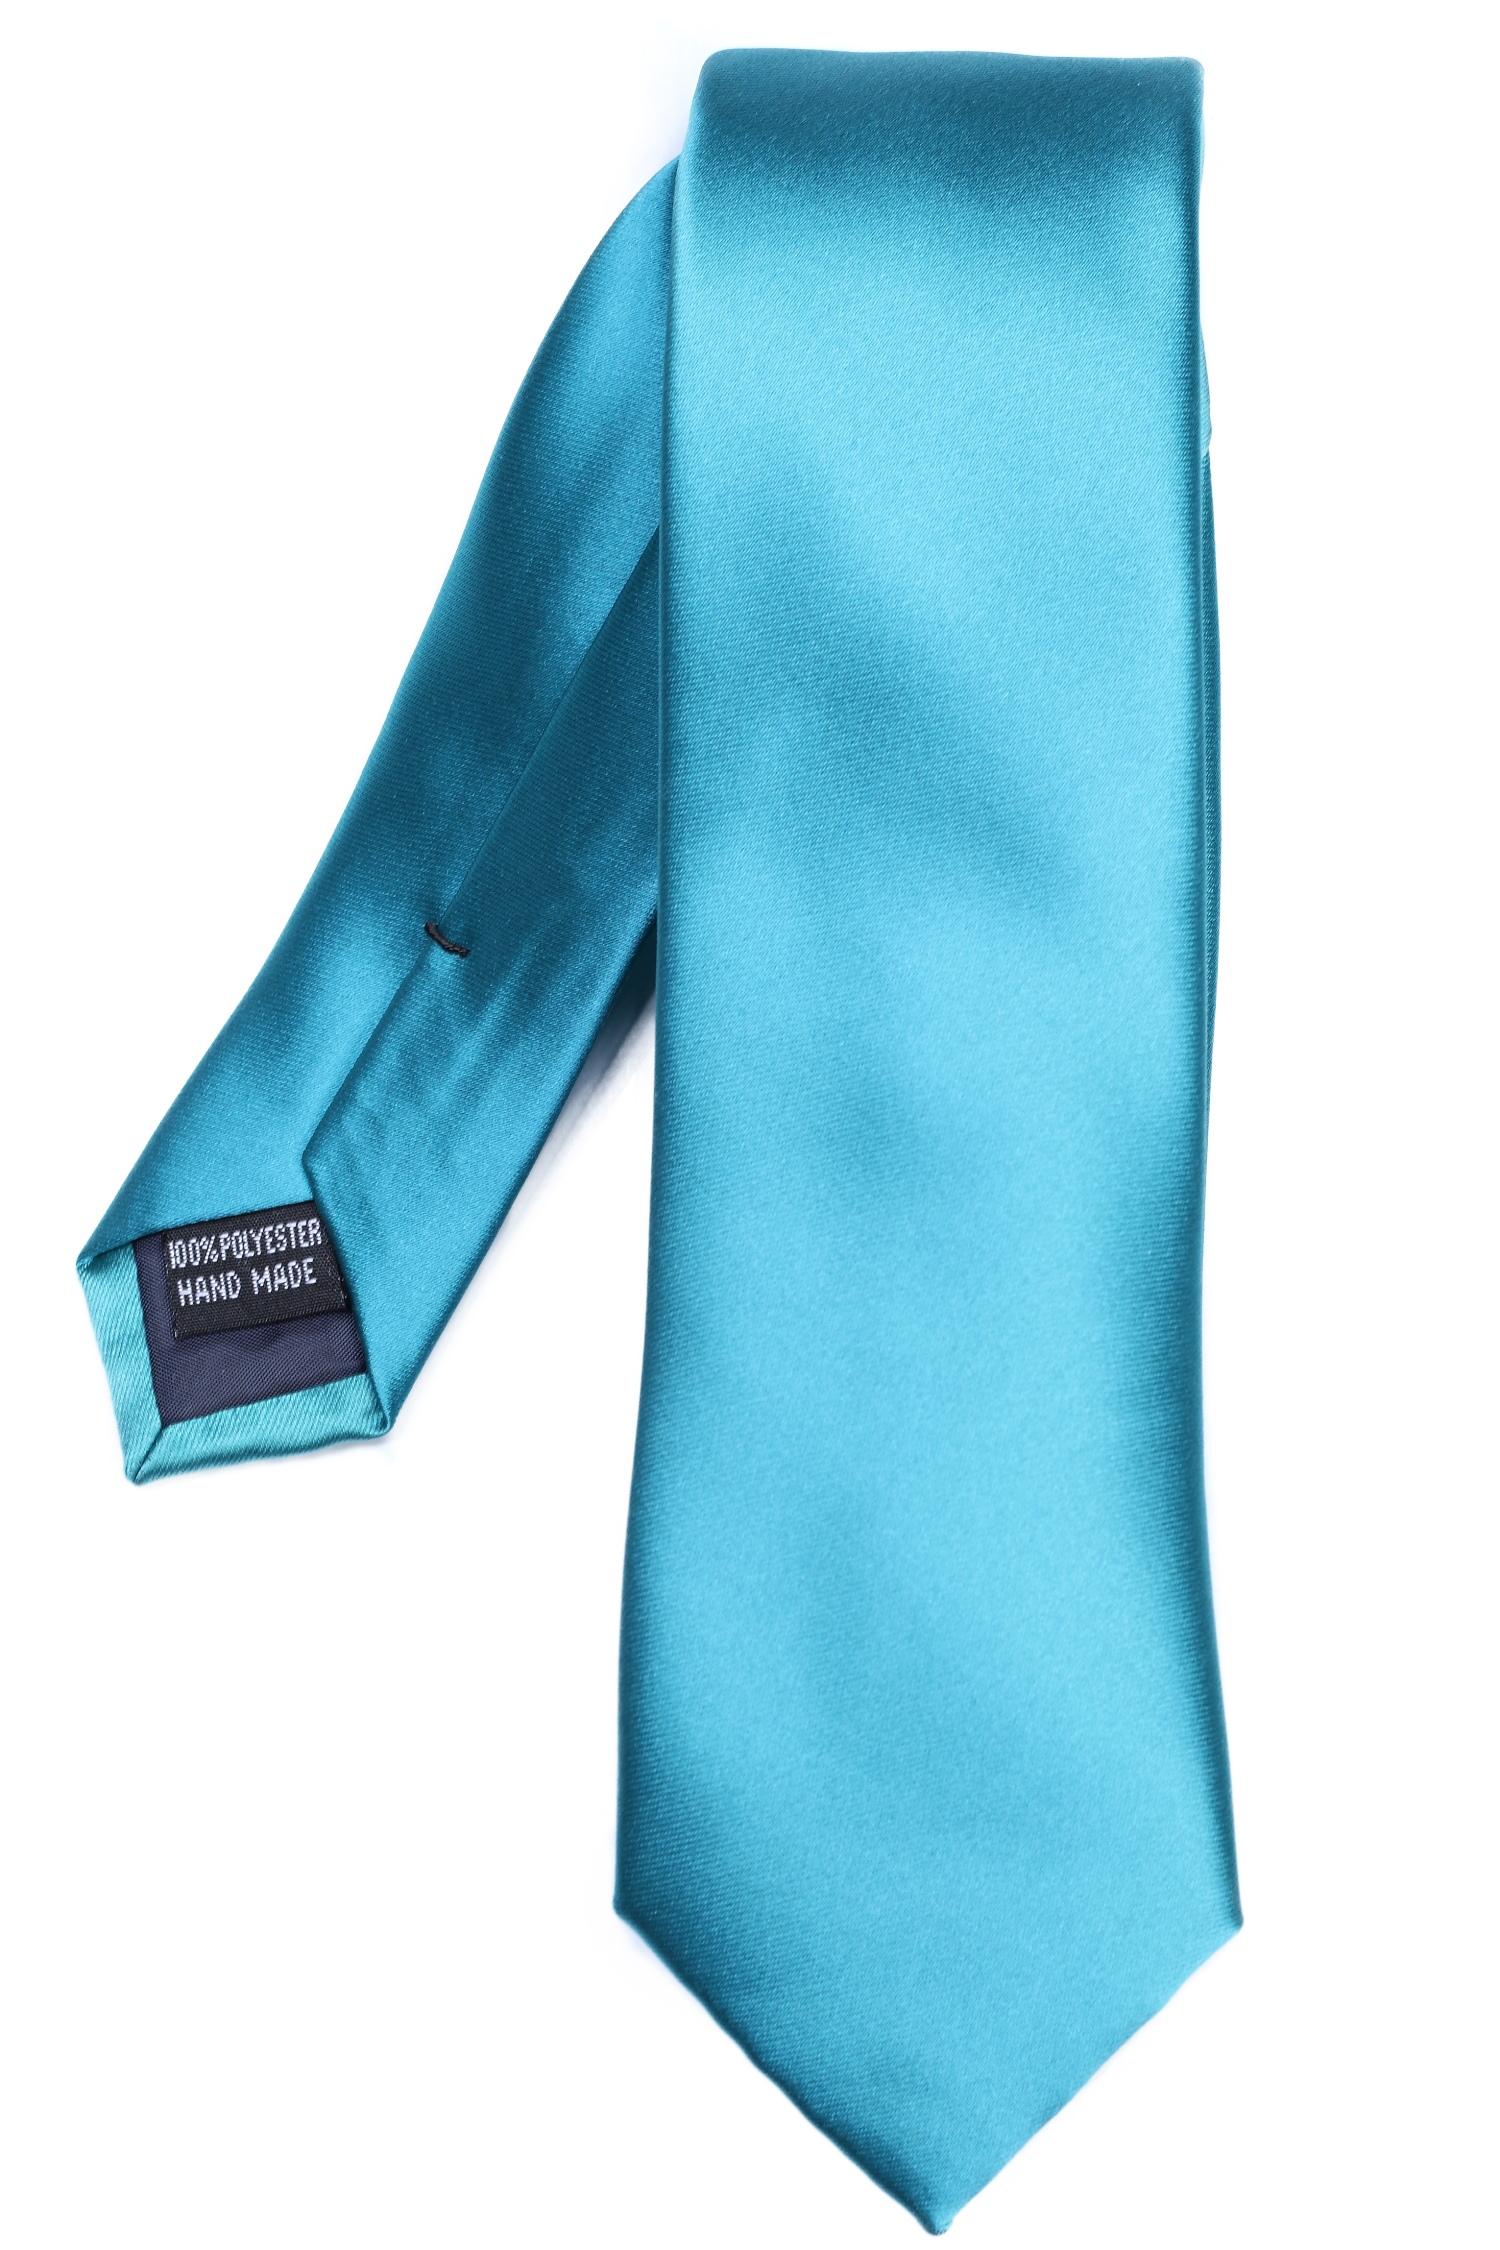 https://www.leadermode.com/170377/virtuose-slim-bleu-turquoise.jpg